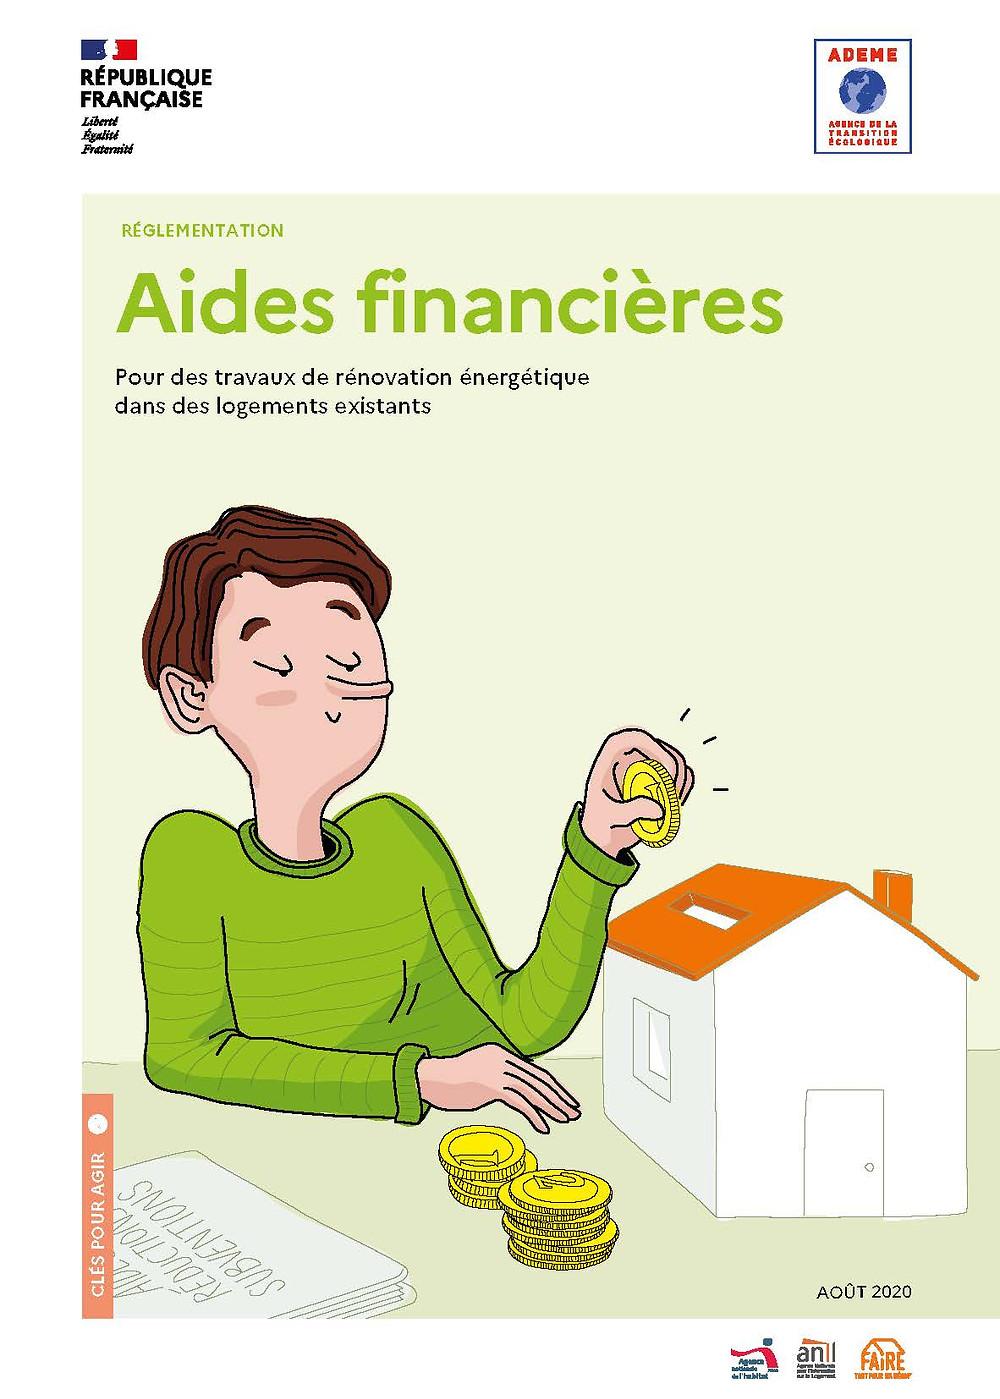 ADEME, aides financières rénovation, République Française, Réseau FAIRE, logements existants